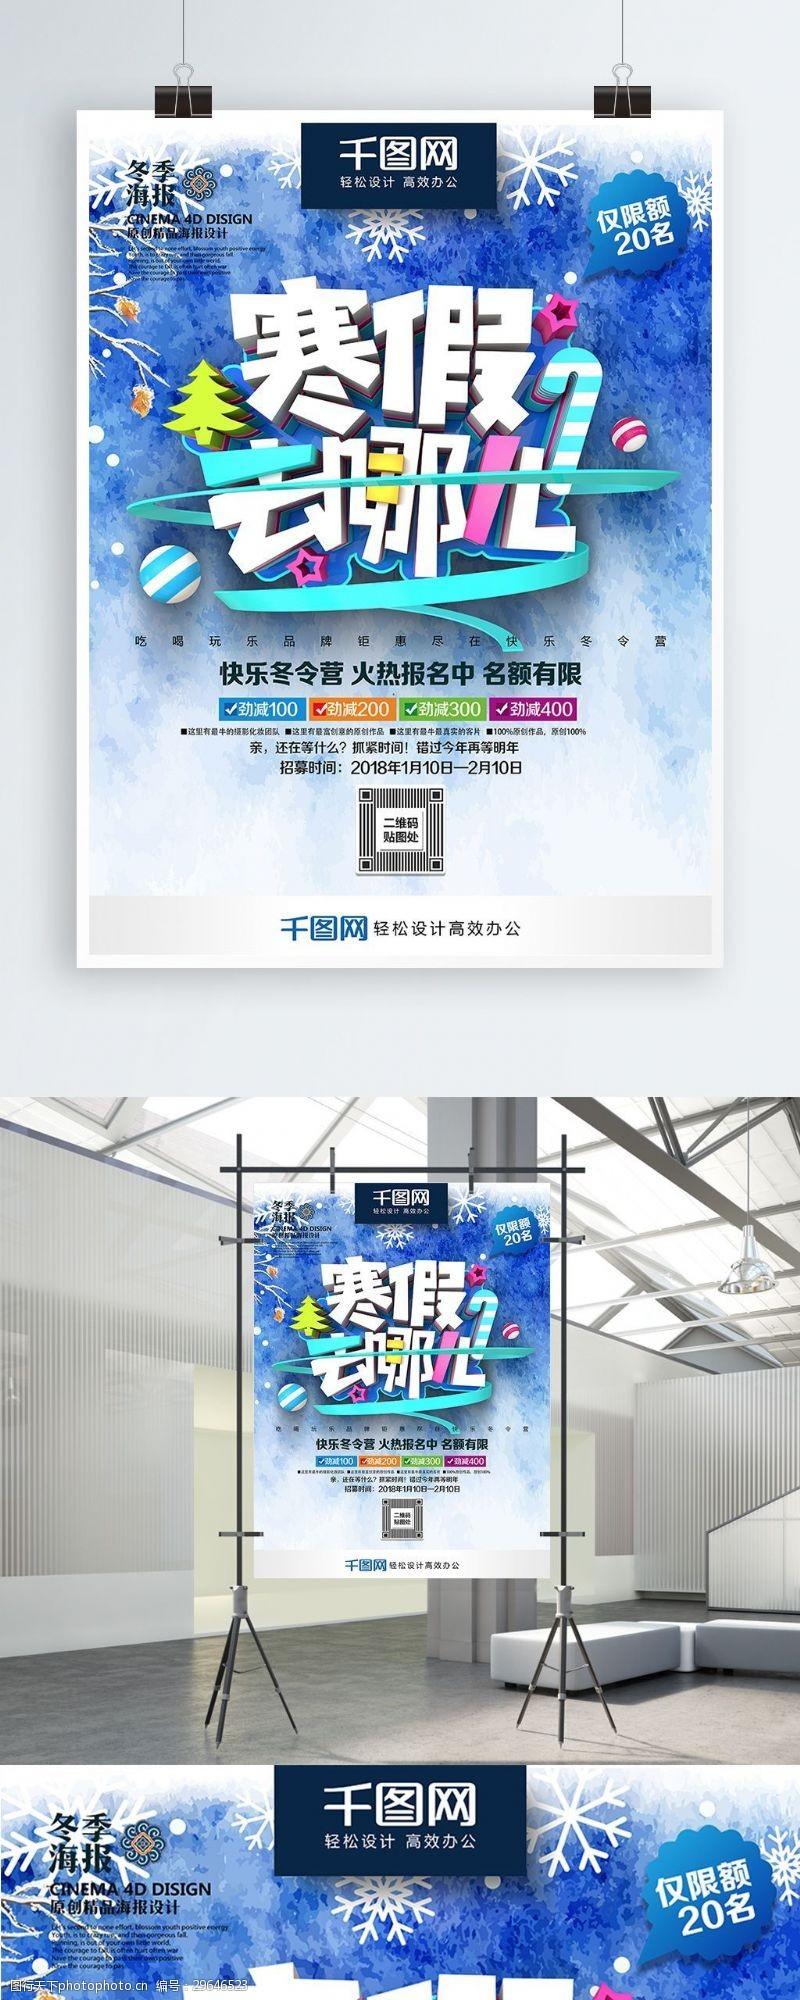 冬令营活动蓝色时尚创意寒假去哪儿冬令营招生海报设计